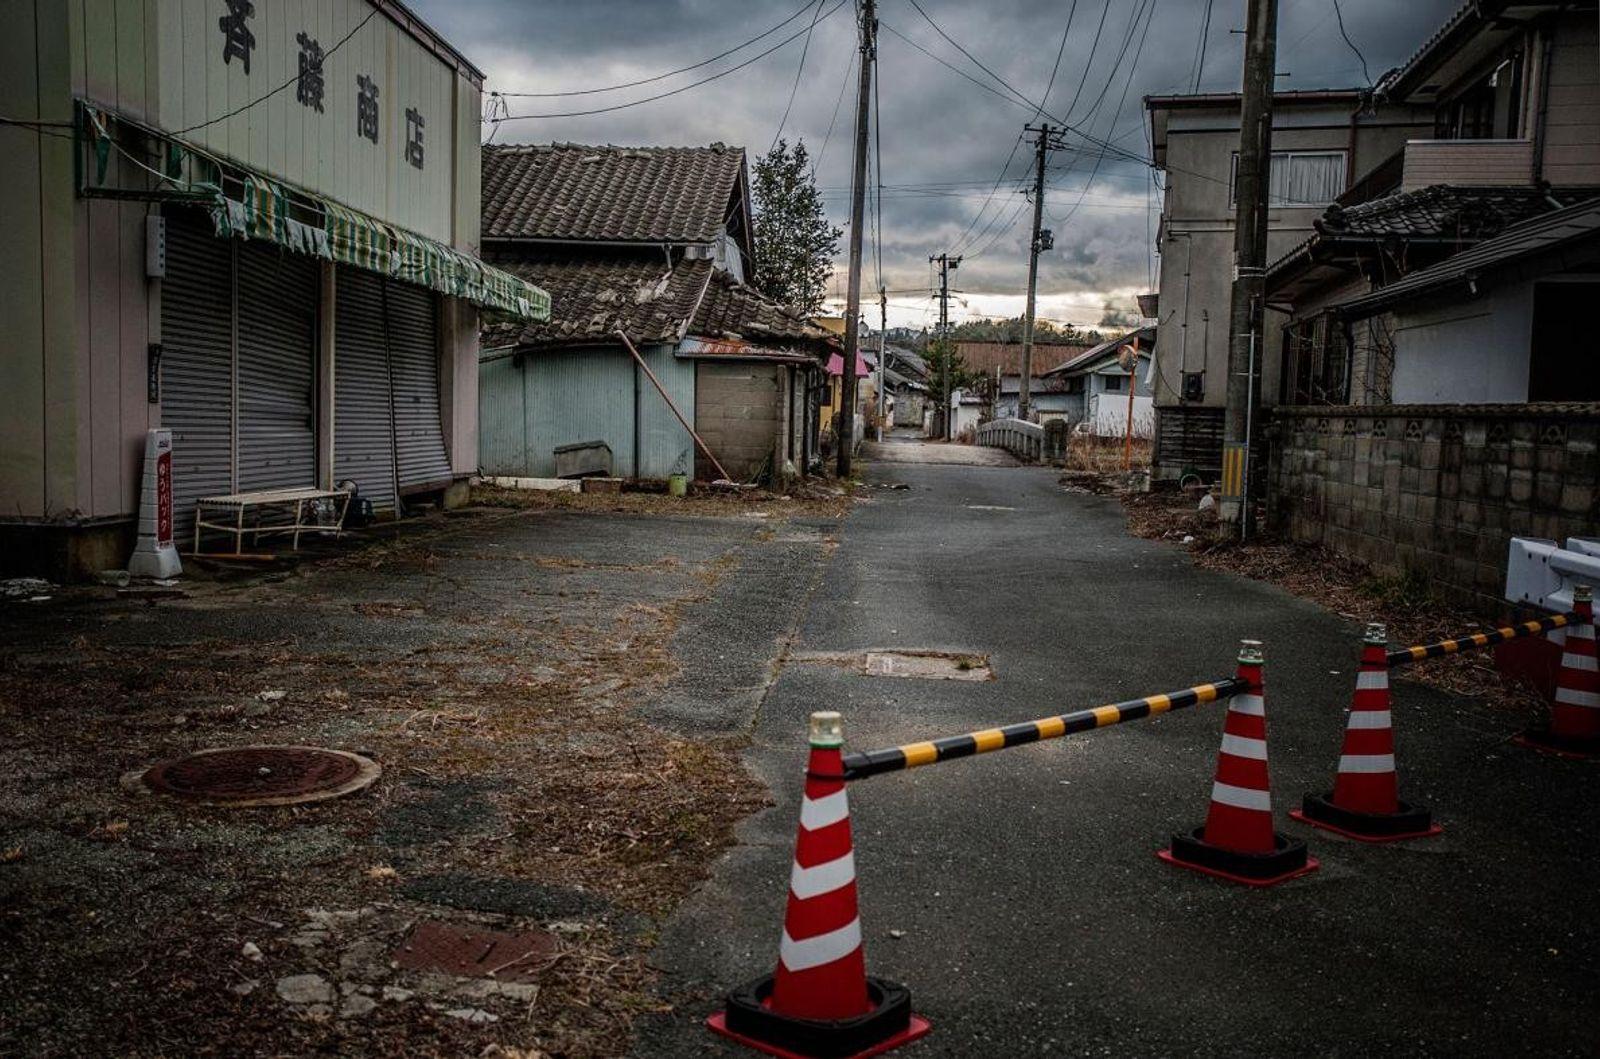 Carretera en Fukushima